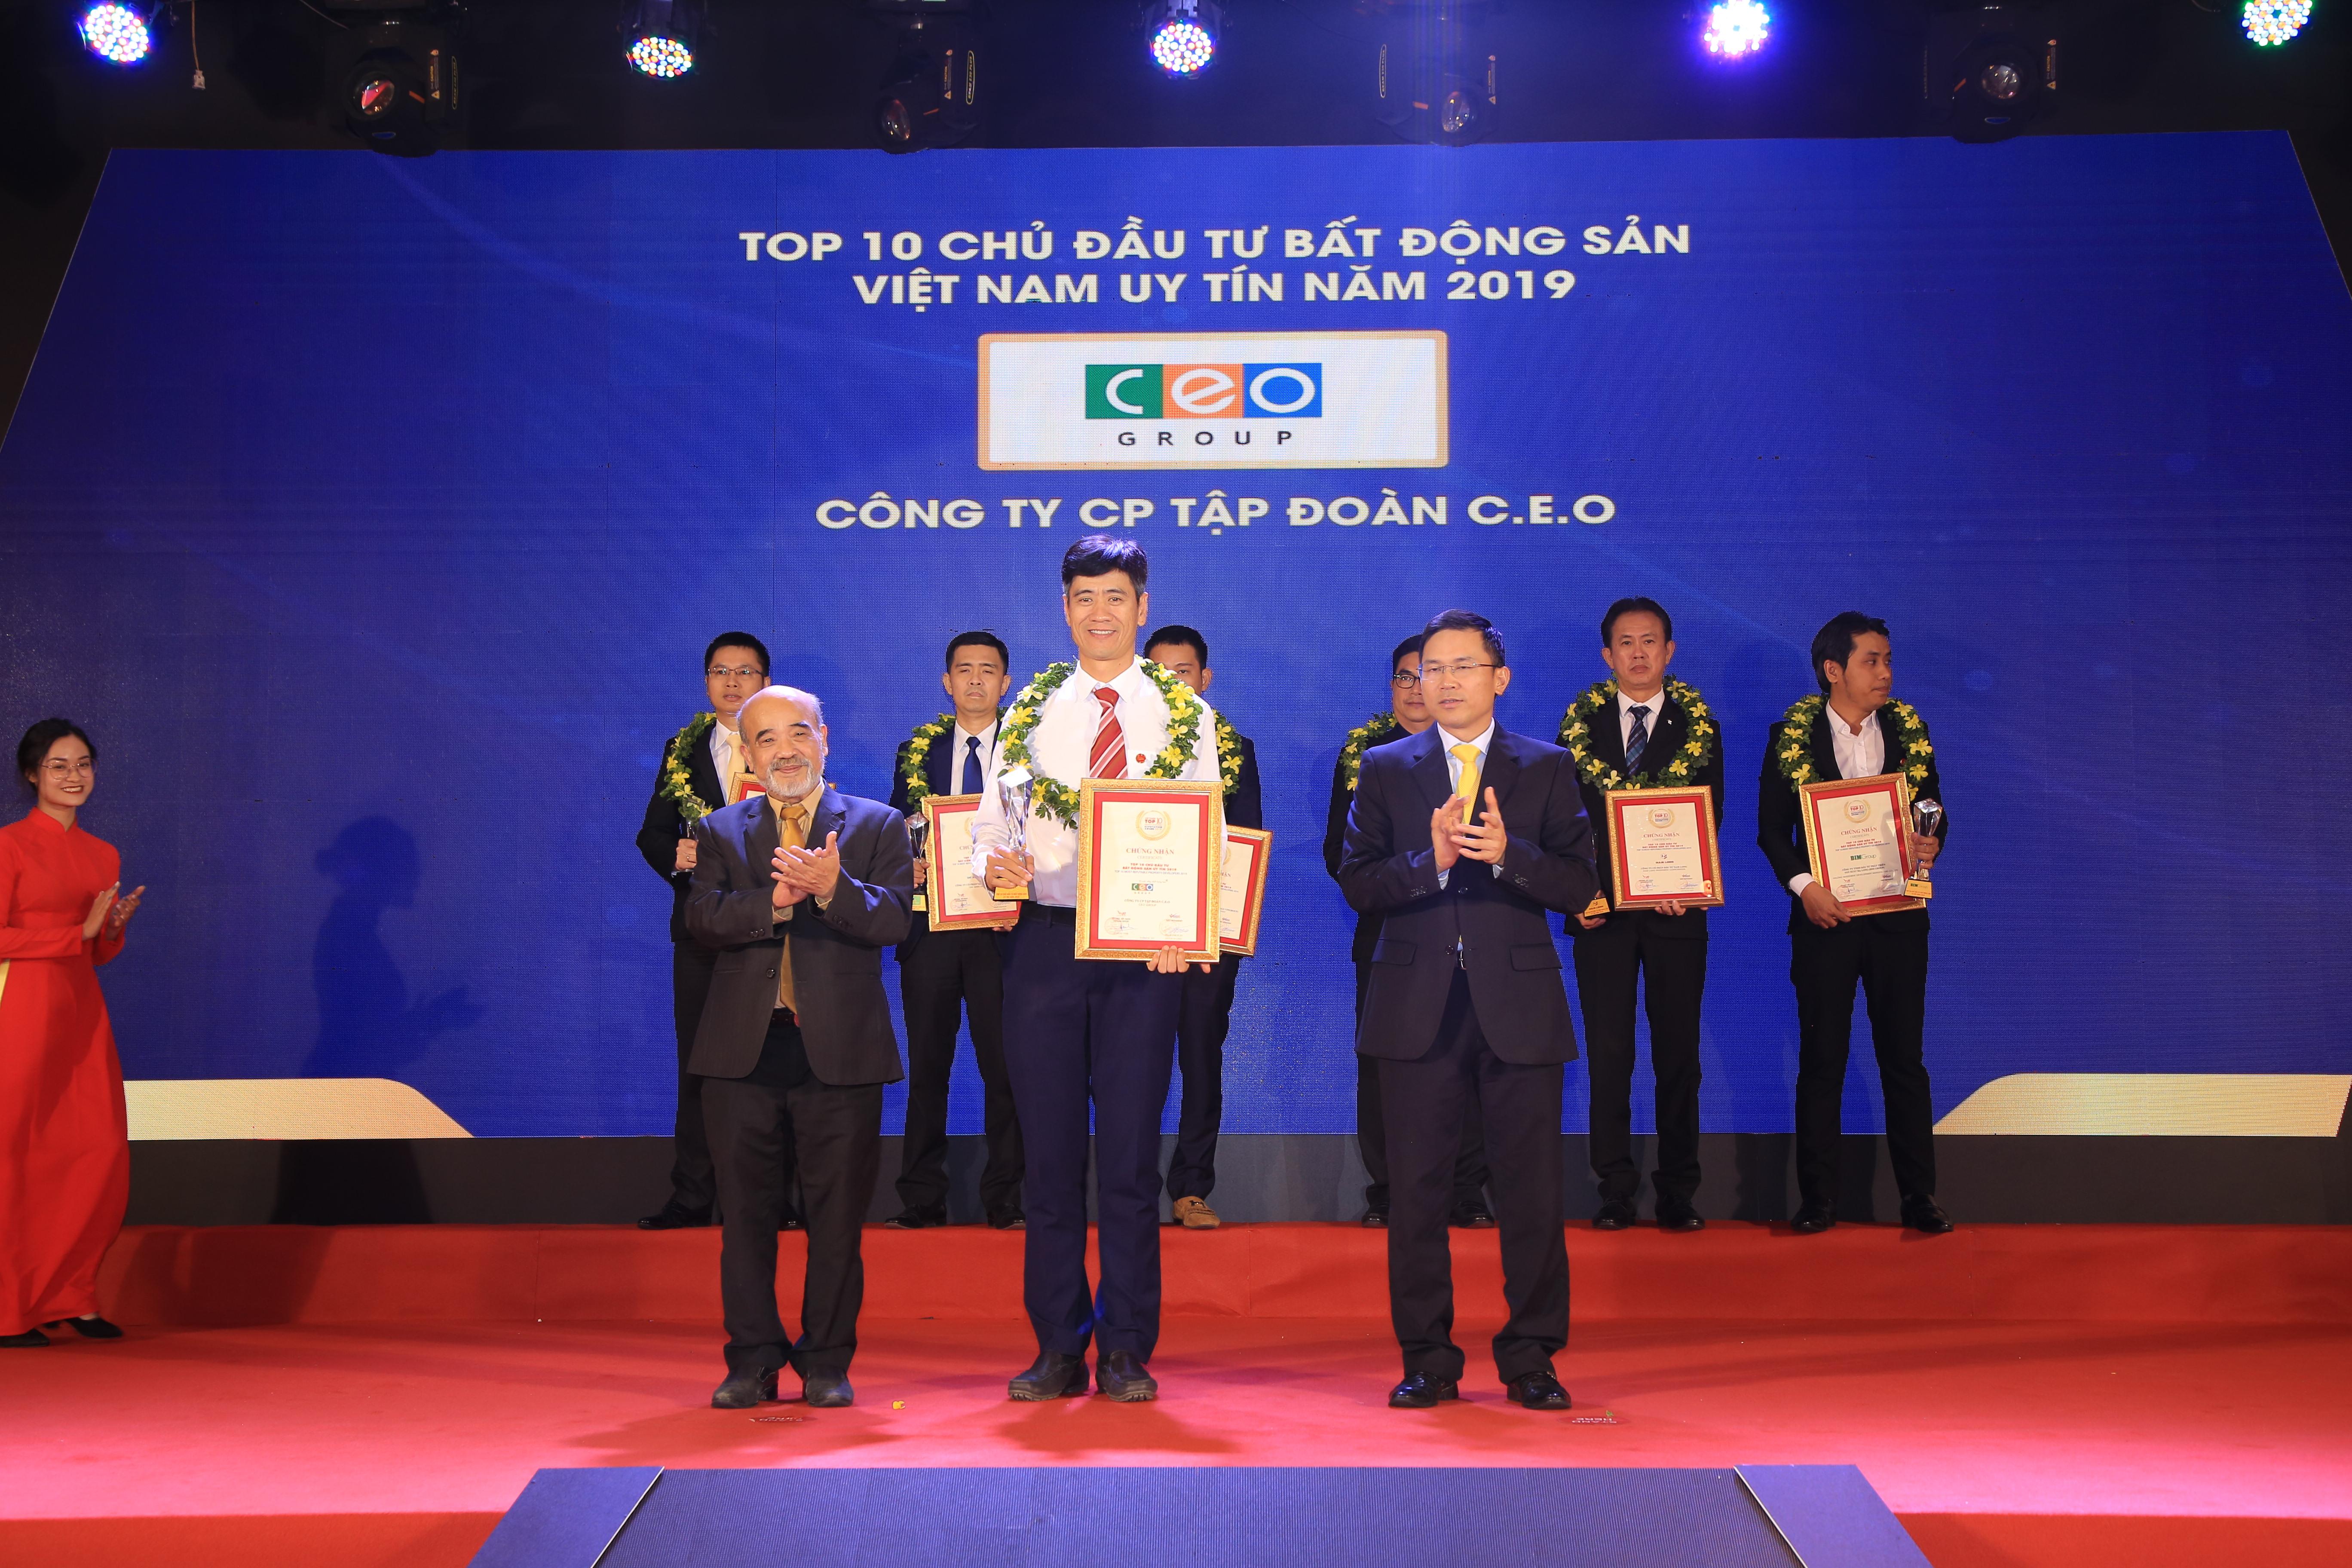 Tập đoàn CEO xuất sắc vào Top 10 chủ đầu tư uy tín năm 2019